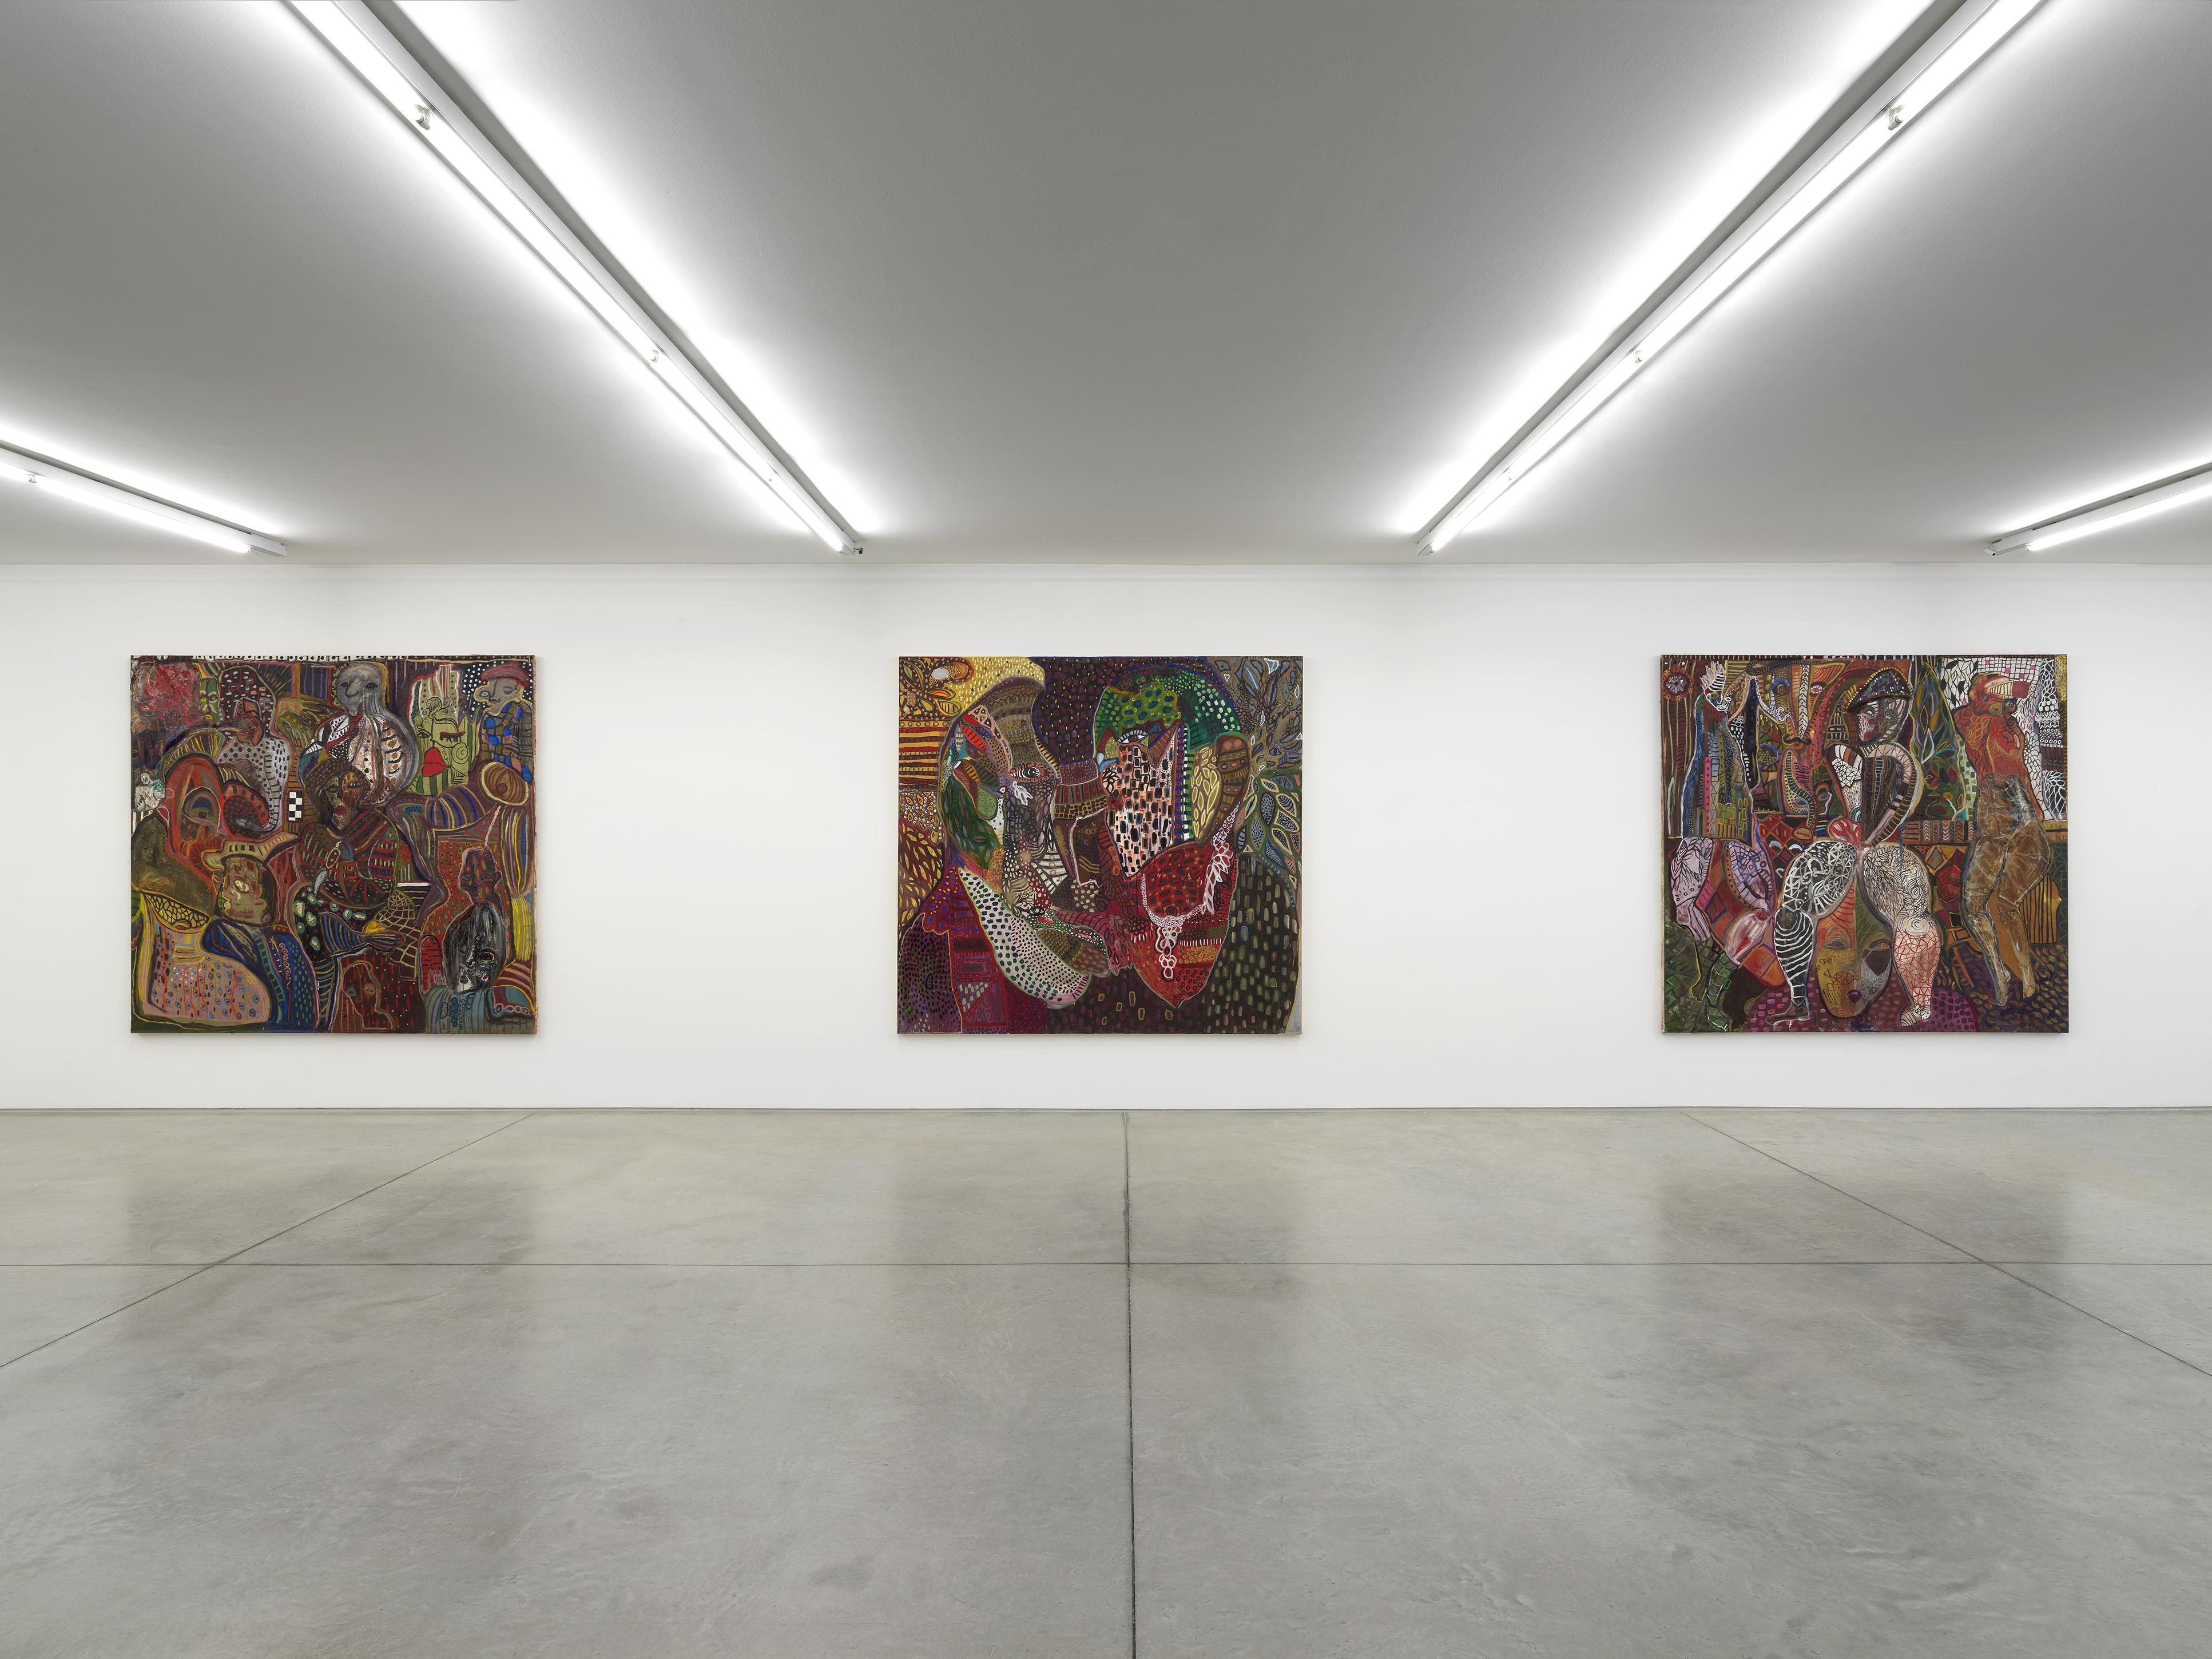 Mona Osman Rhizome and the Dizziness of Freedom Veduta di mostra / Exhibition view  Collezione Maramotti, 2019 Ph. Dario Lasagni